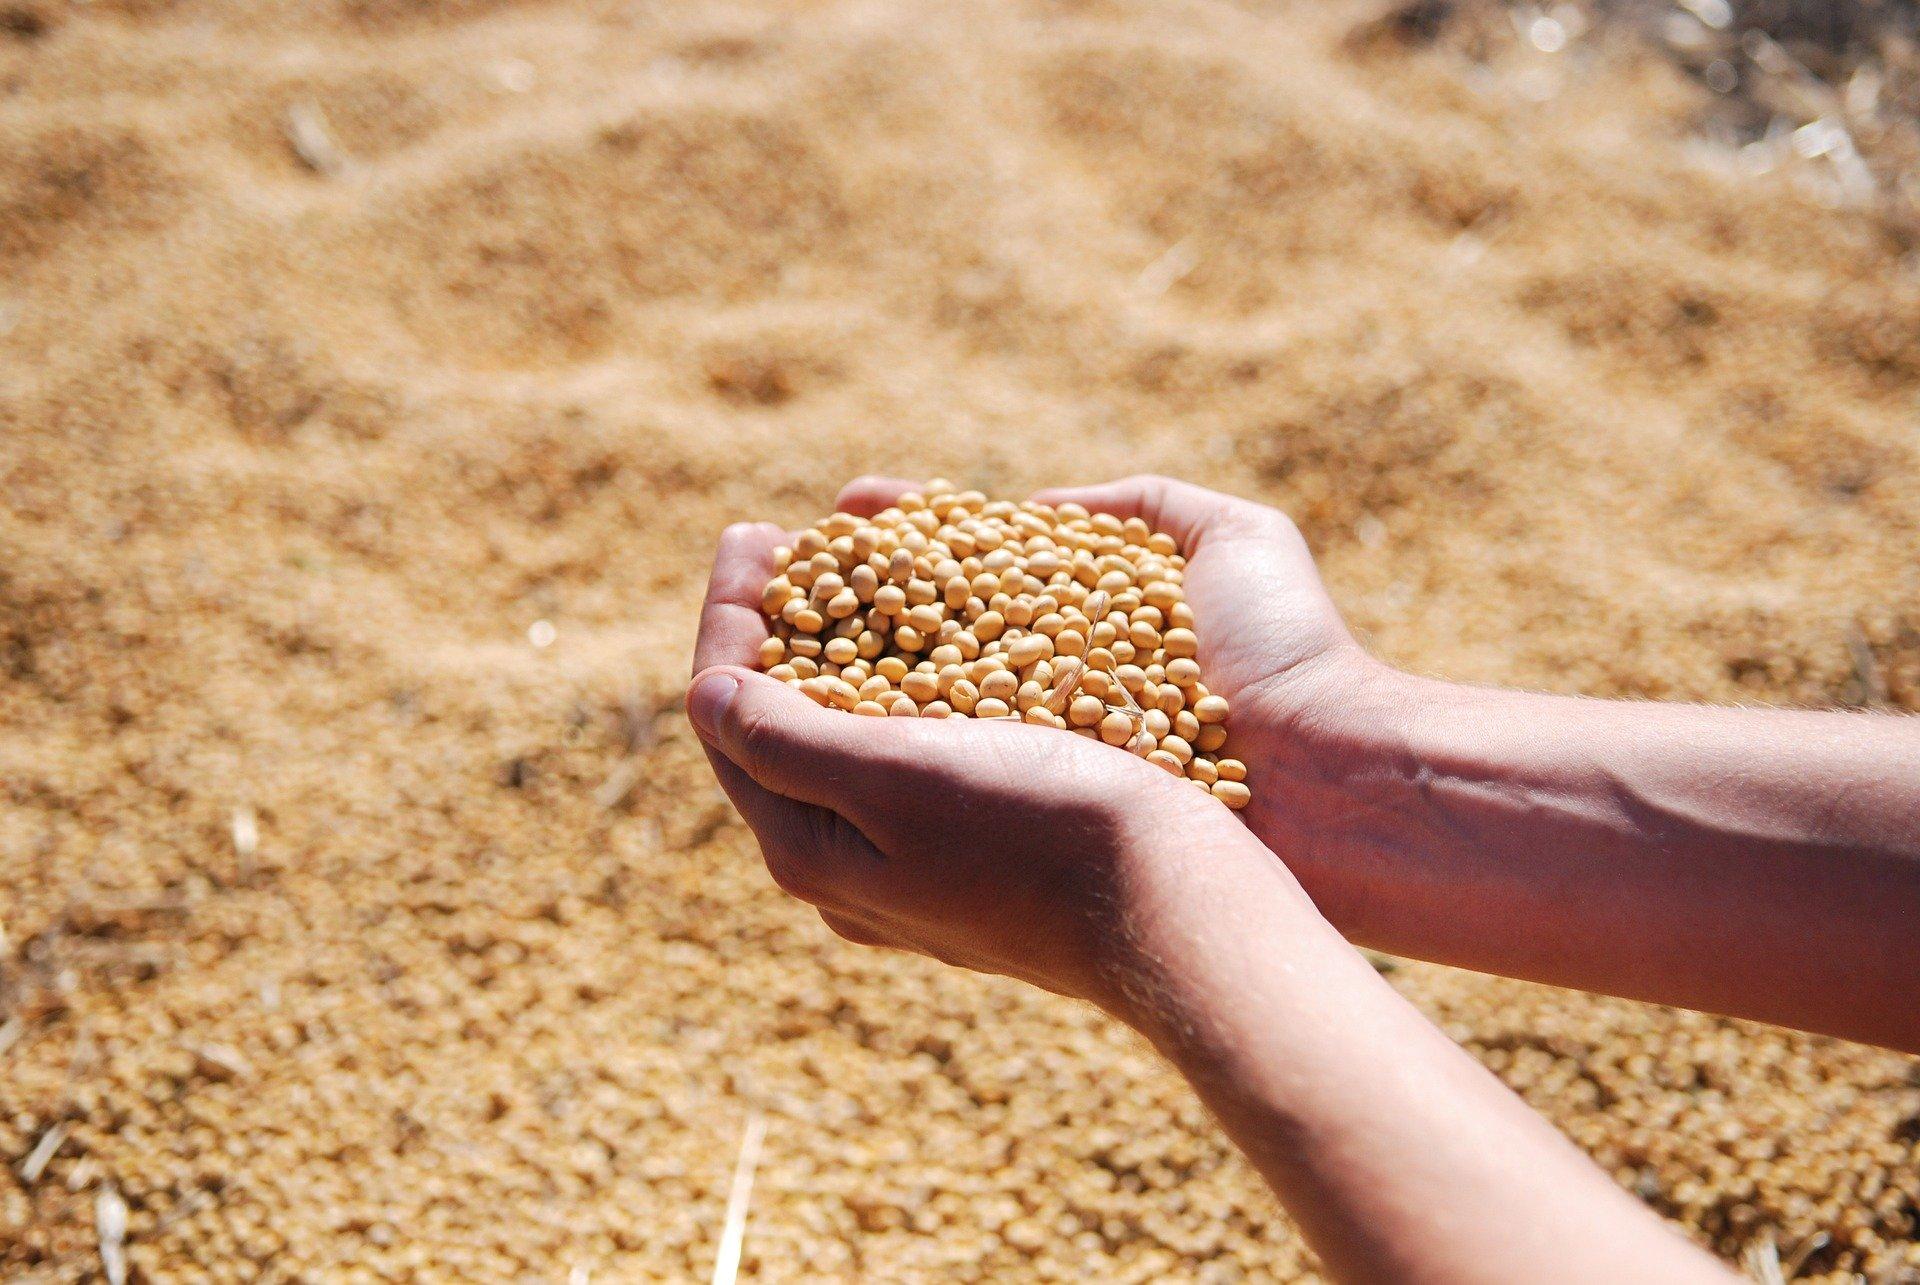 (Soja e milho respondem pela grande maioria da produção anual. Foto: Reprodução/Pixabay )